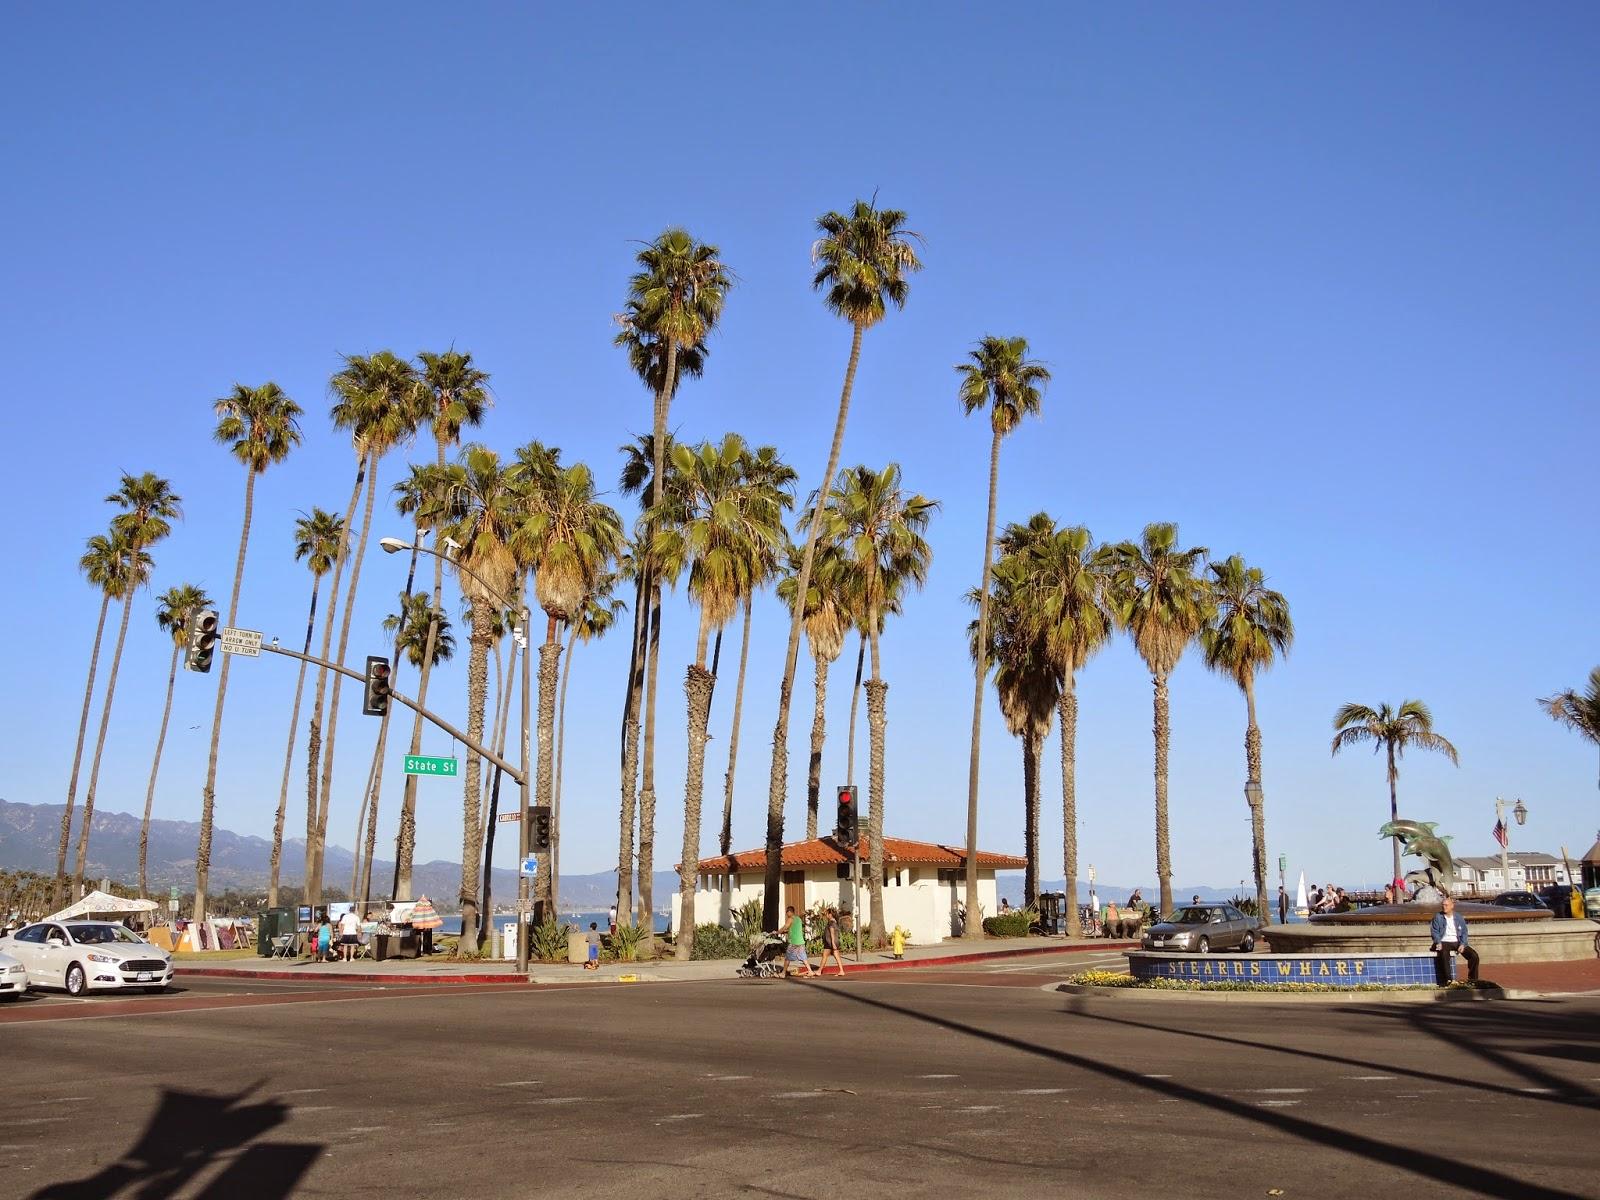 2014 Spring break 美國西岸自駕行程: Santa Barbara 聖塔芭芭拉